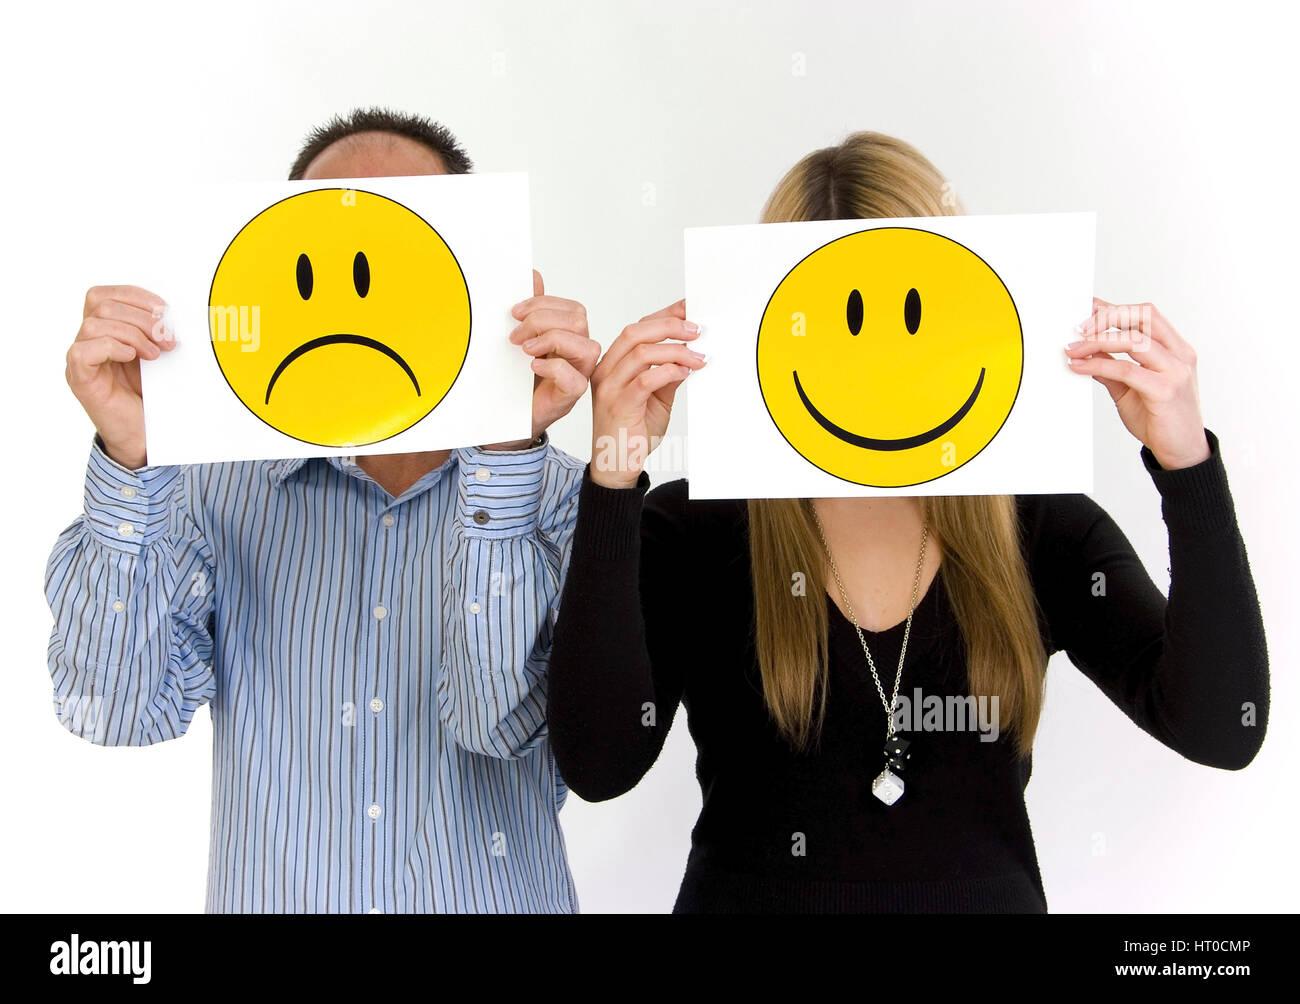 trauriger Mann, lachende Frau, Symbolbild unausgeglichene Partnerschaft - sad man, lucky woman - Stock Image